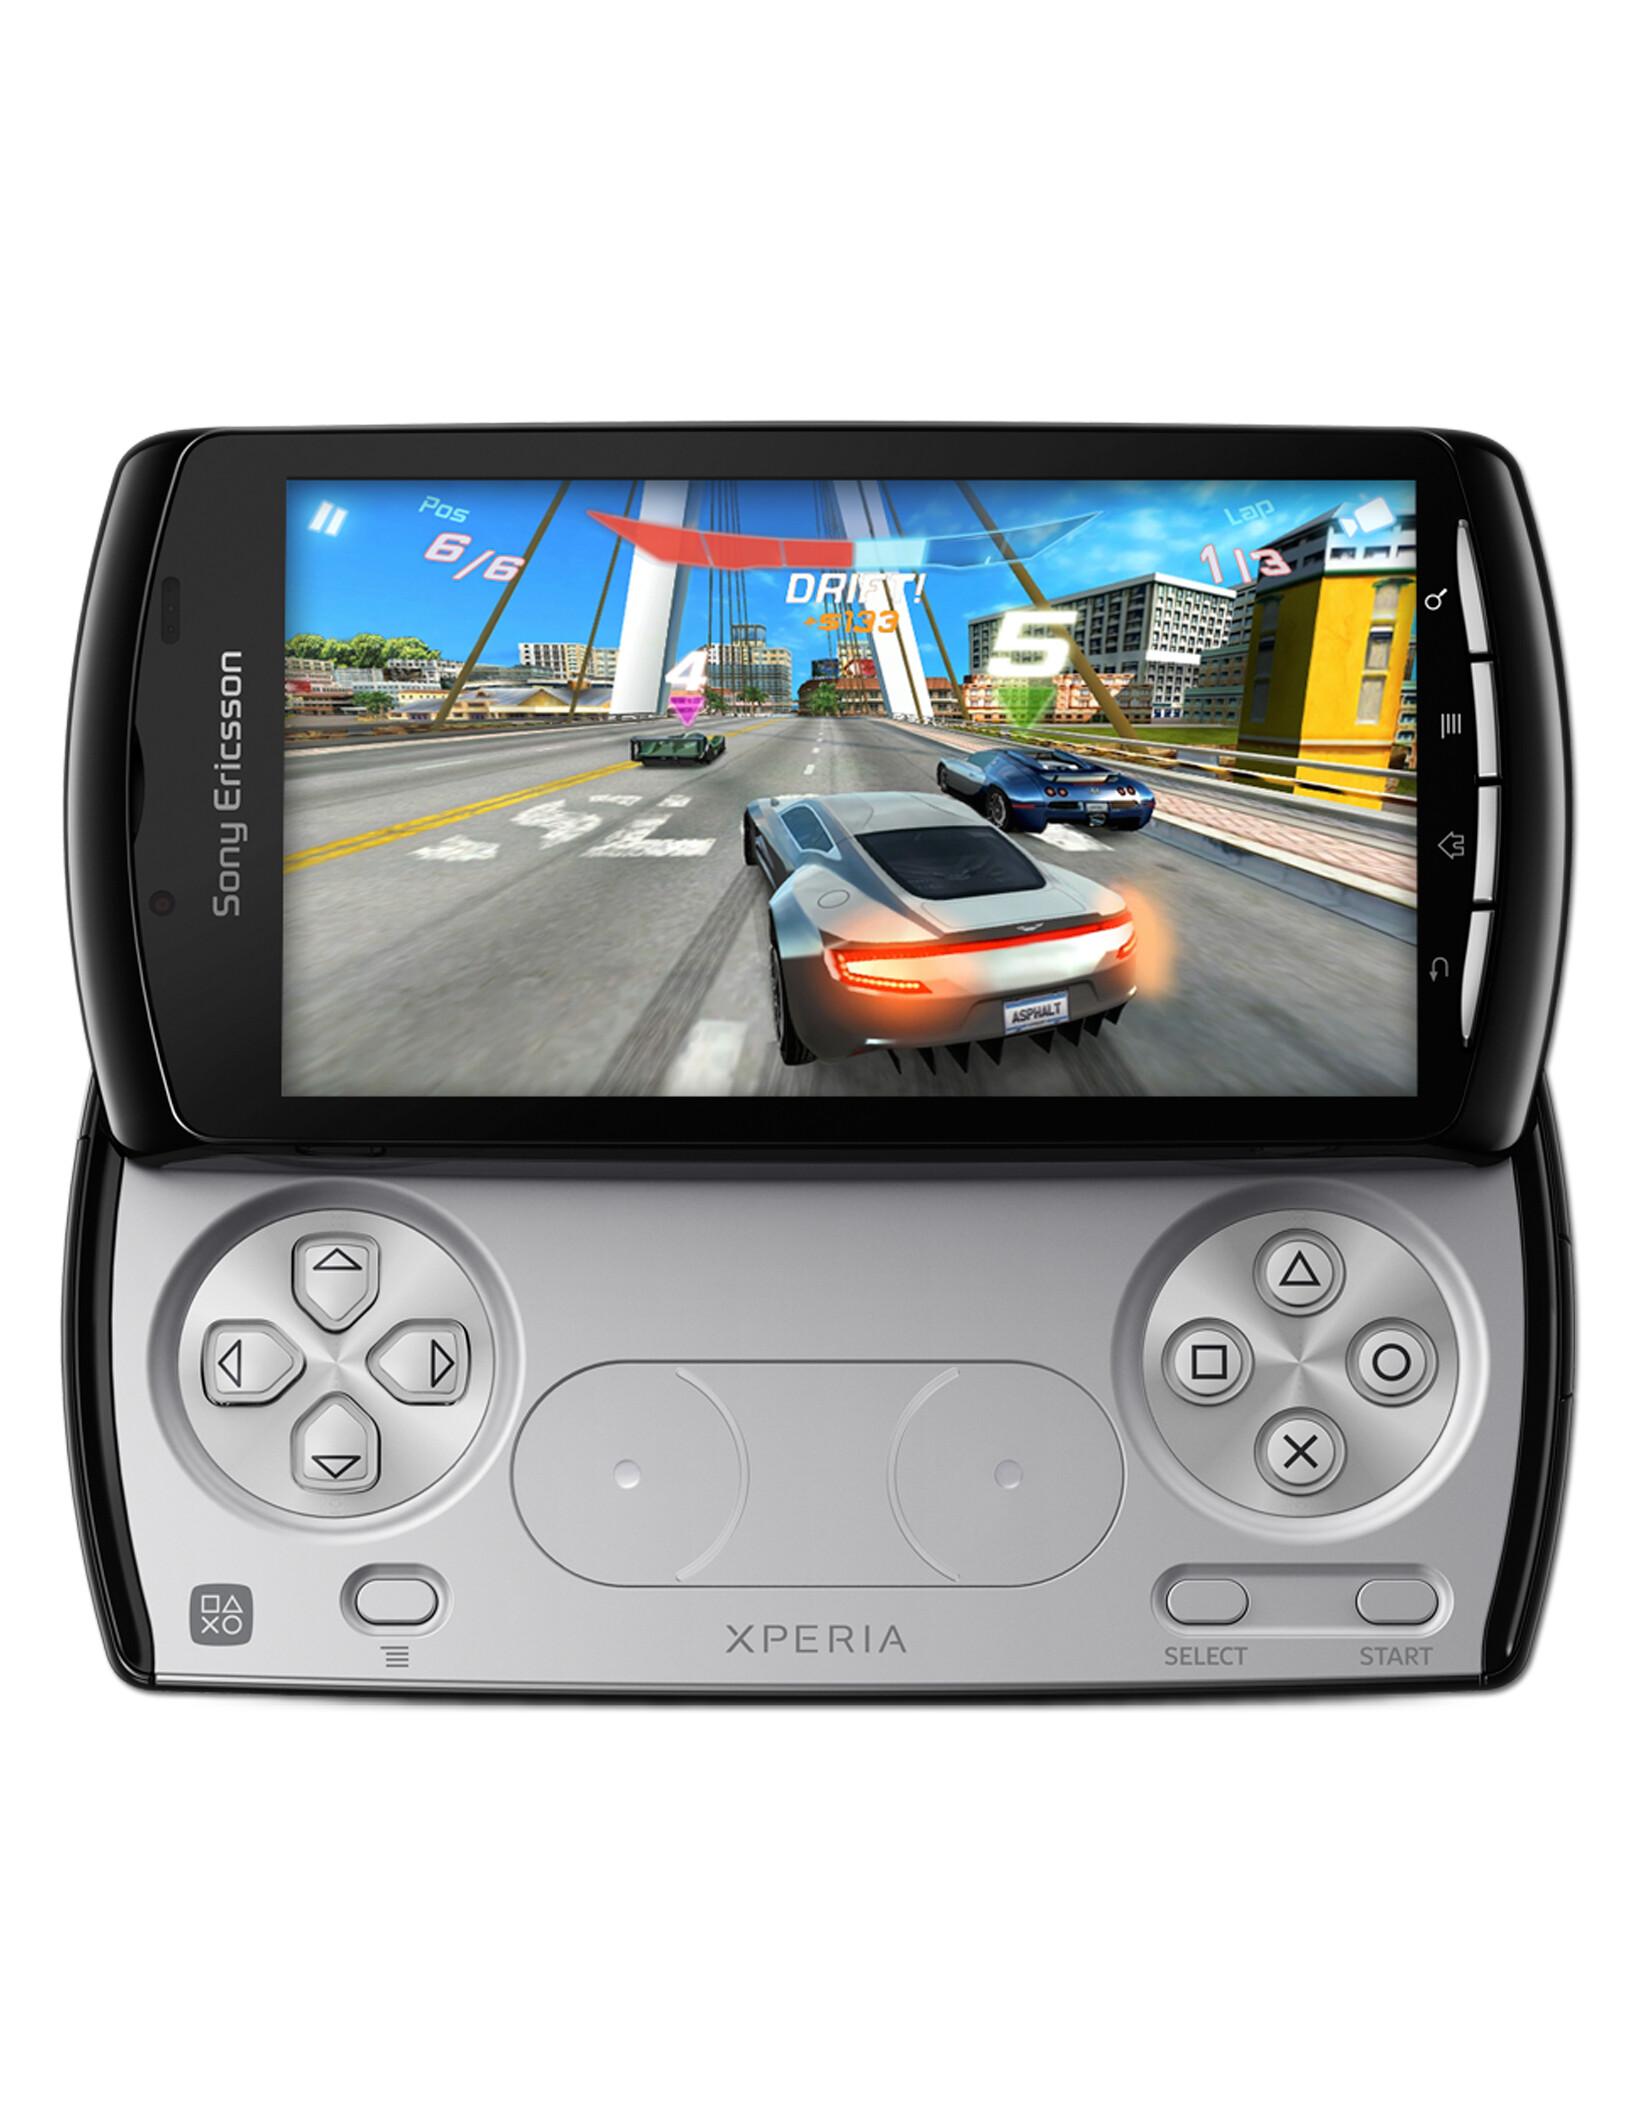 Sony Ericsson Xperia Play Specs